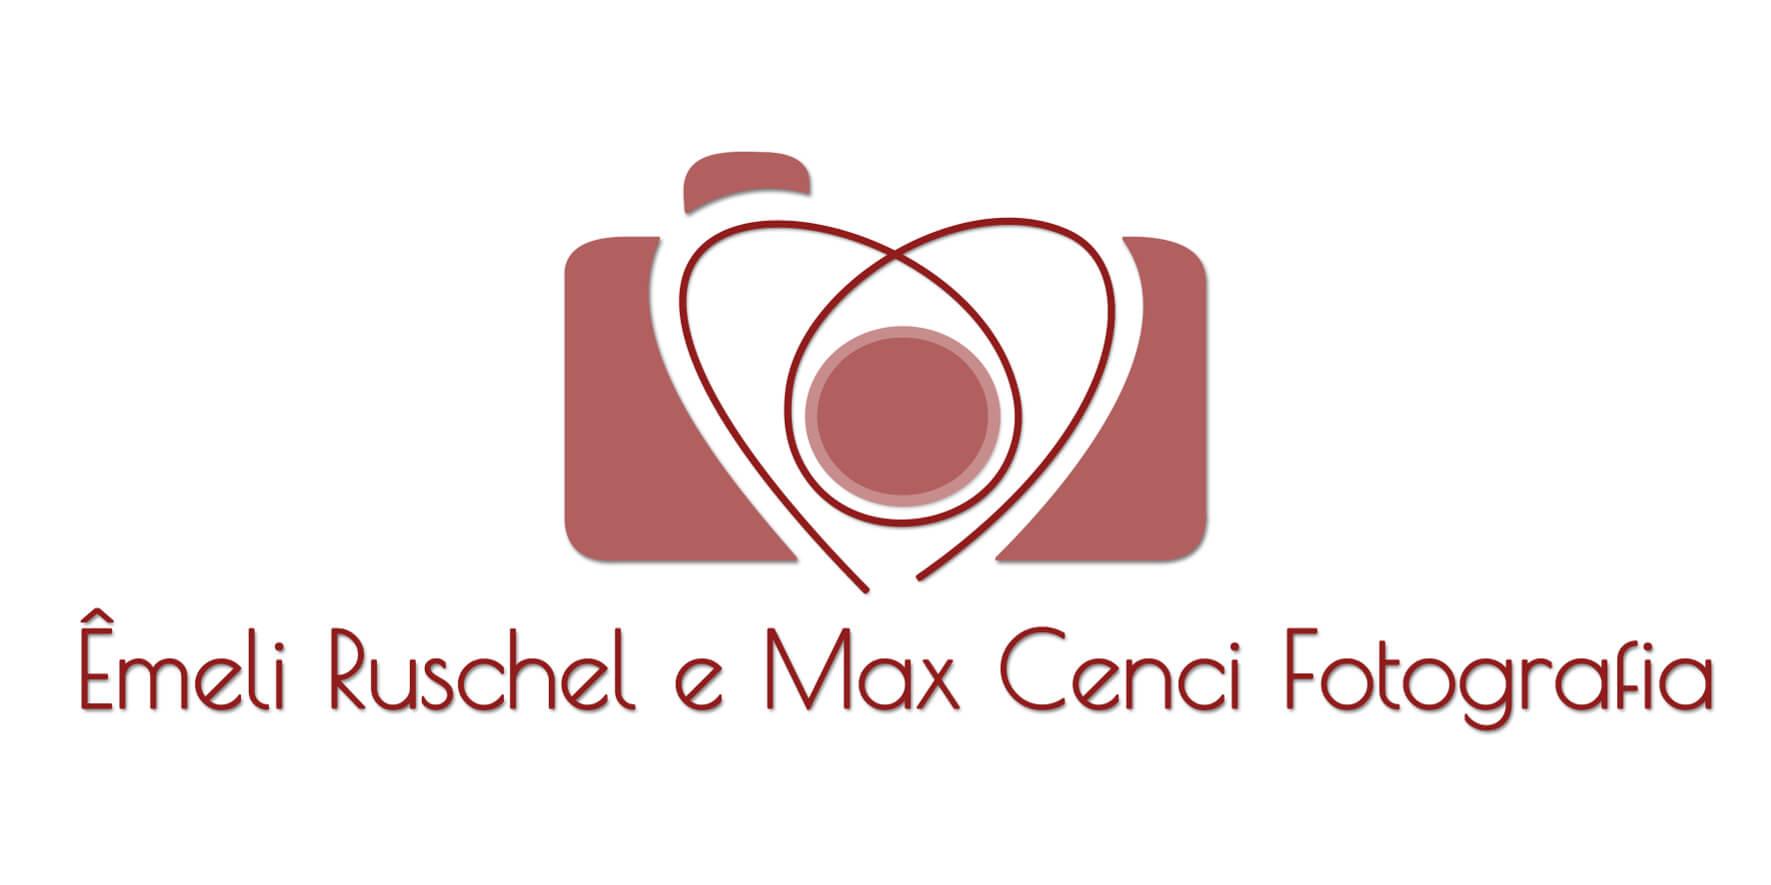 Êmeli Ruschel e Max Cenci Fotografia - Whatsapp